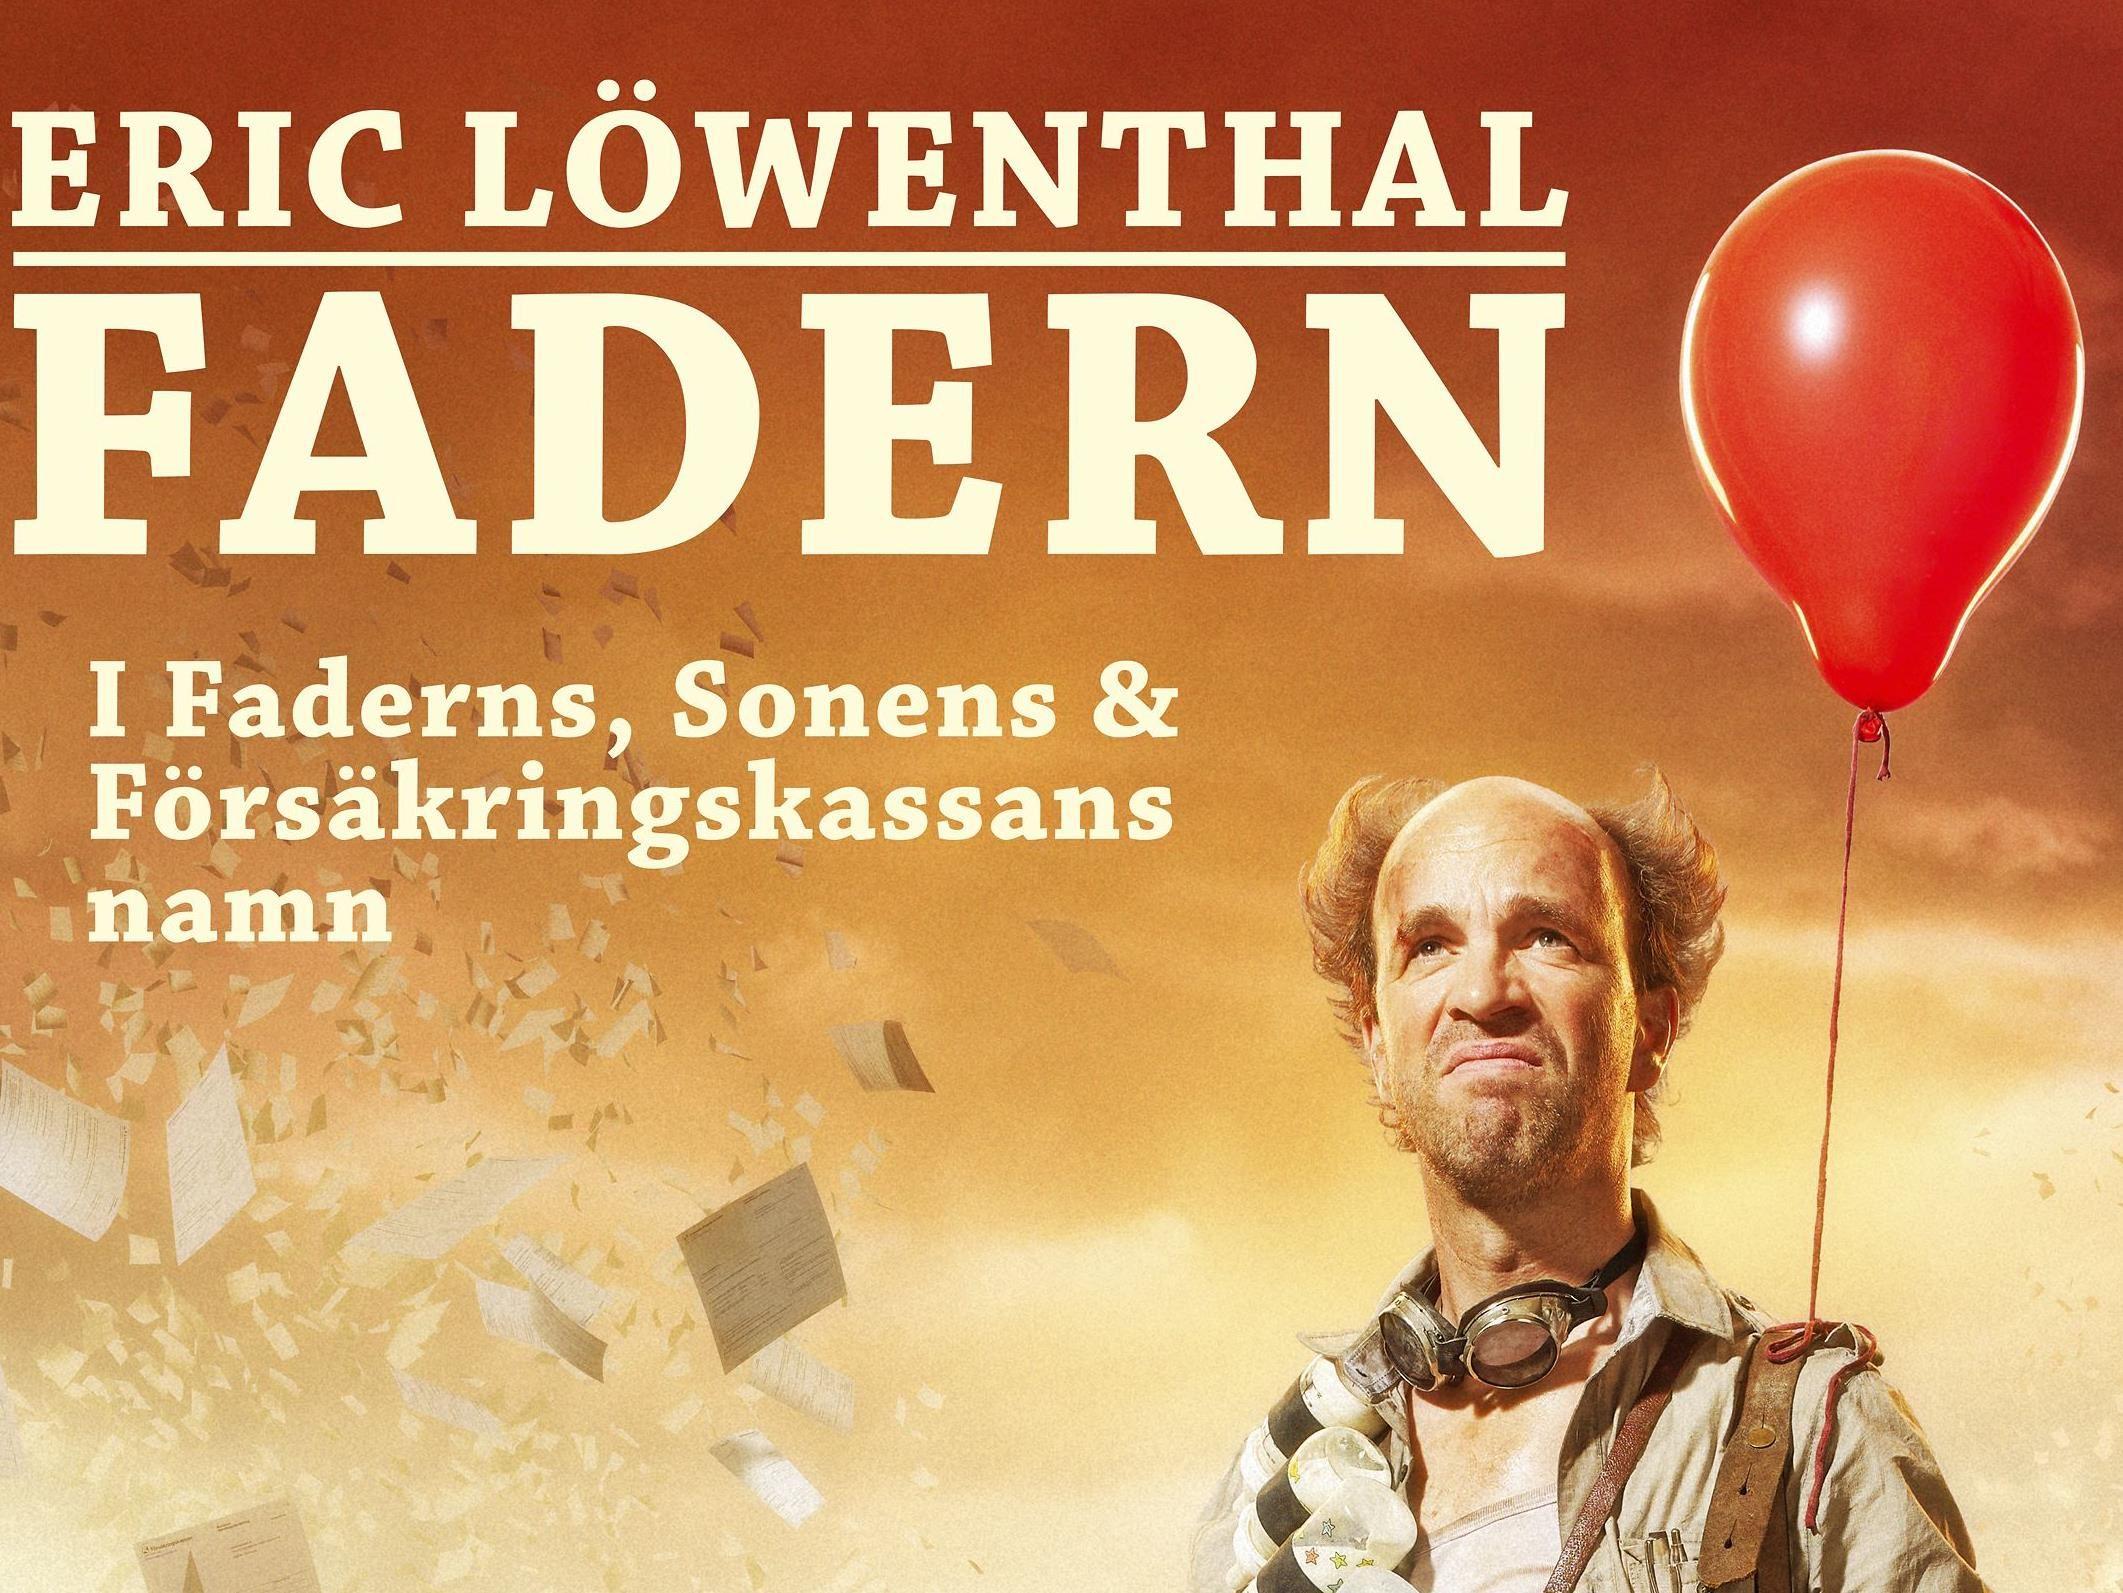 Qulturfolket Riksteatern Vetlanda: FADERN - I faderns, sonens och Försäkringskassans namn